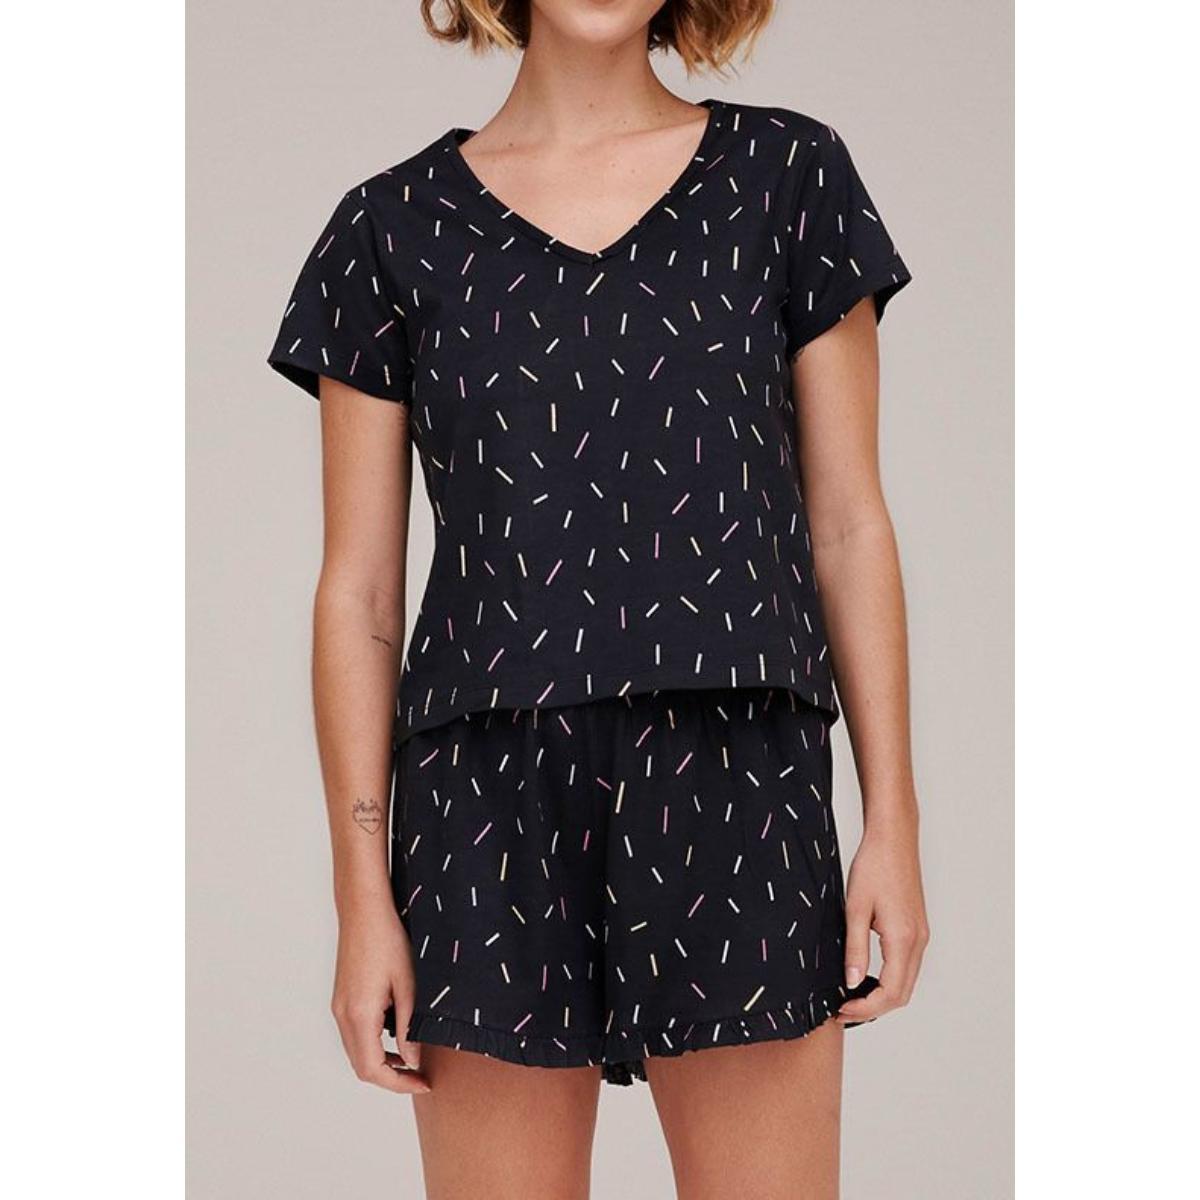 Pijama Feminina Hering 7byp 2aen  Preto Estampado